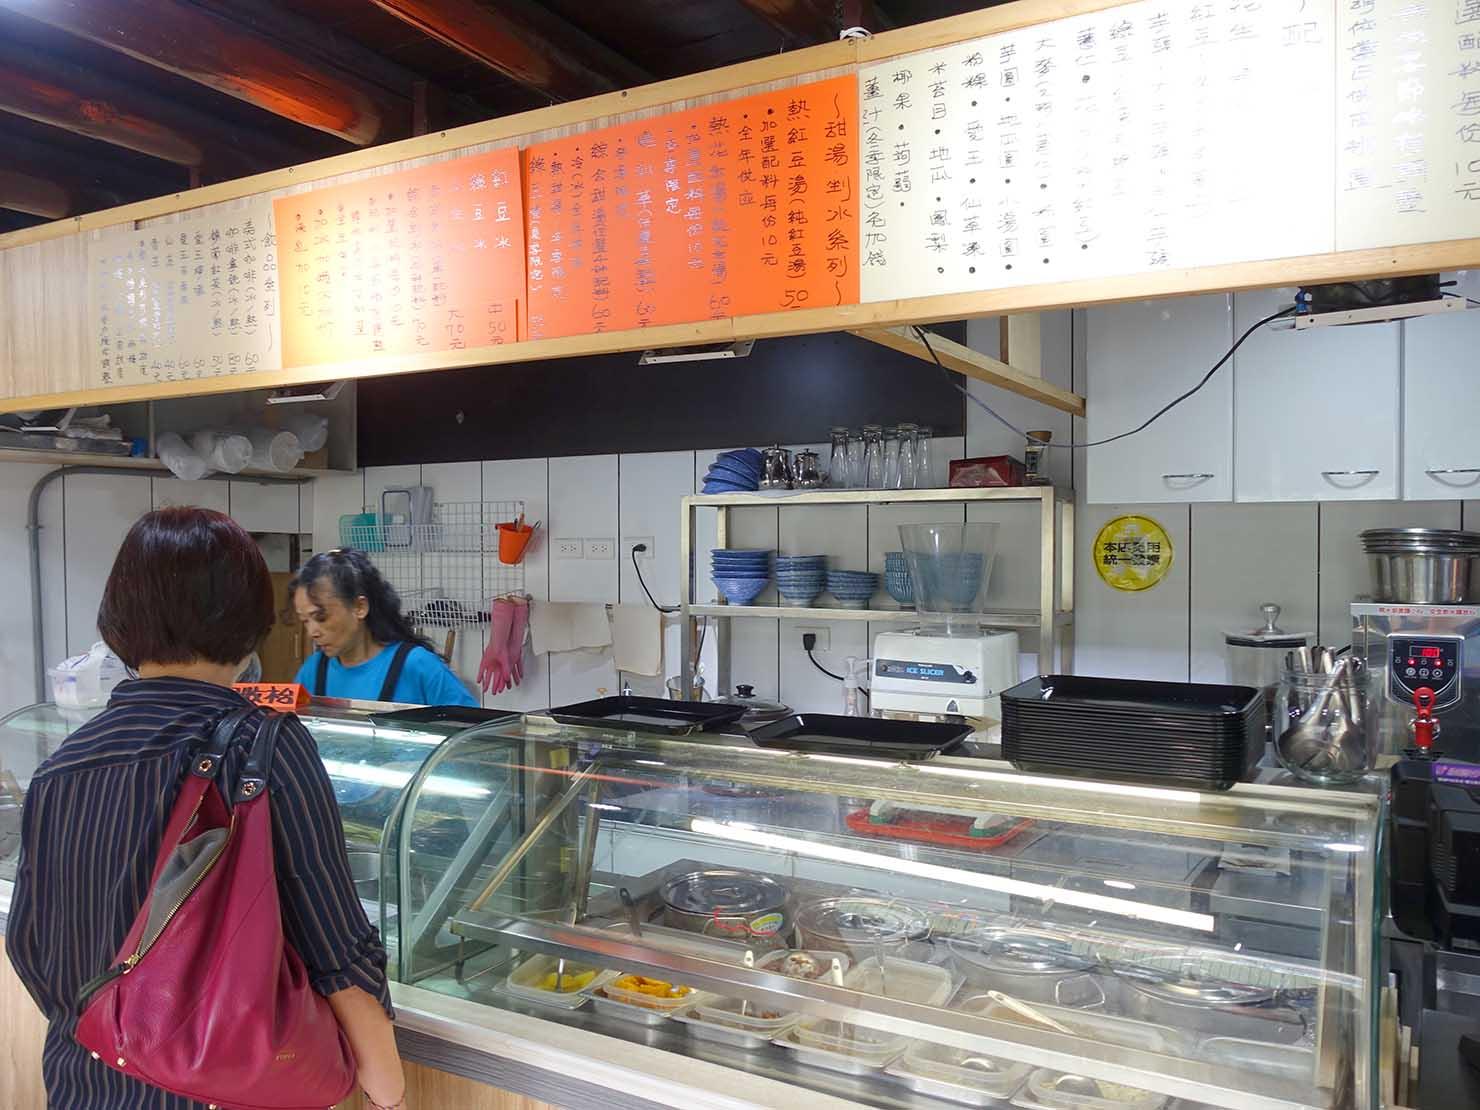 台北・中山駅周辺のおすすめグルメ店「阿明ㄟ豆花」のカウンター